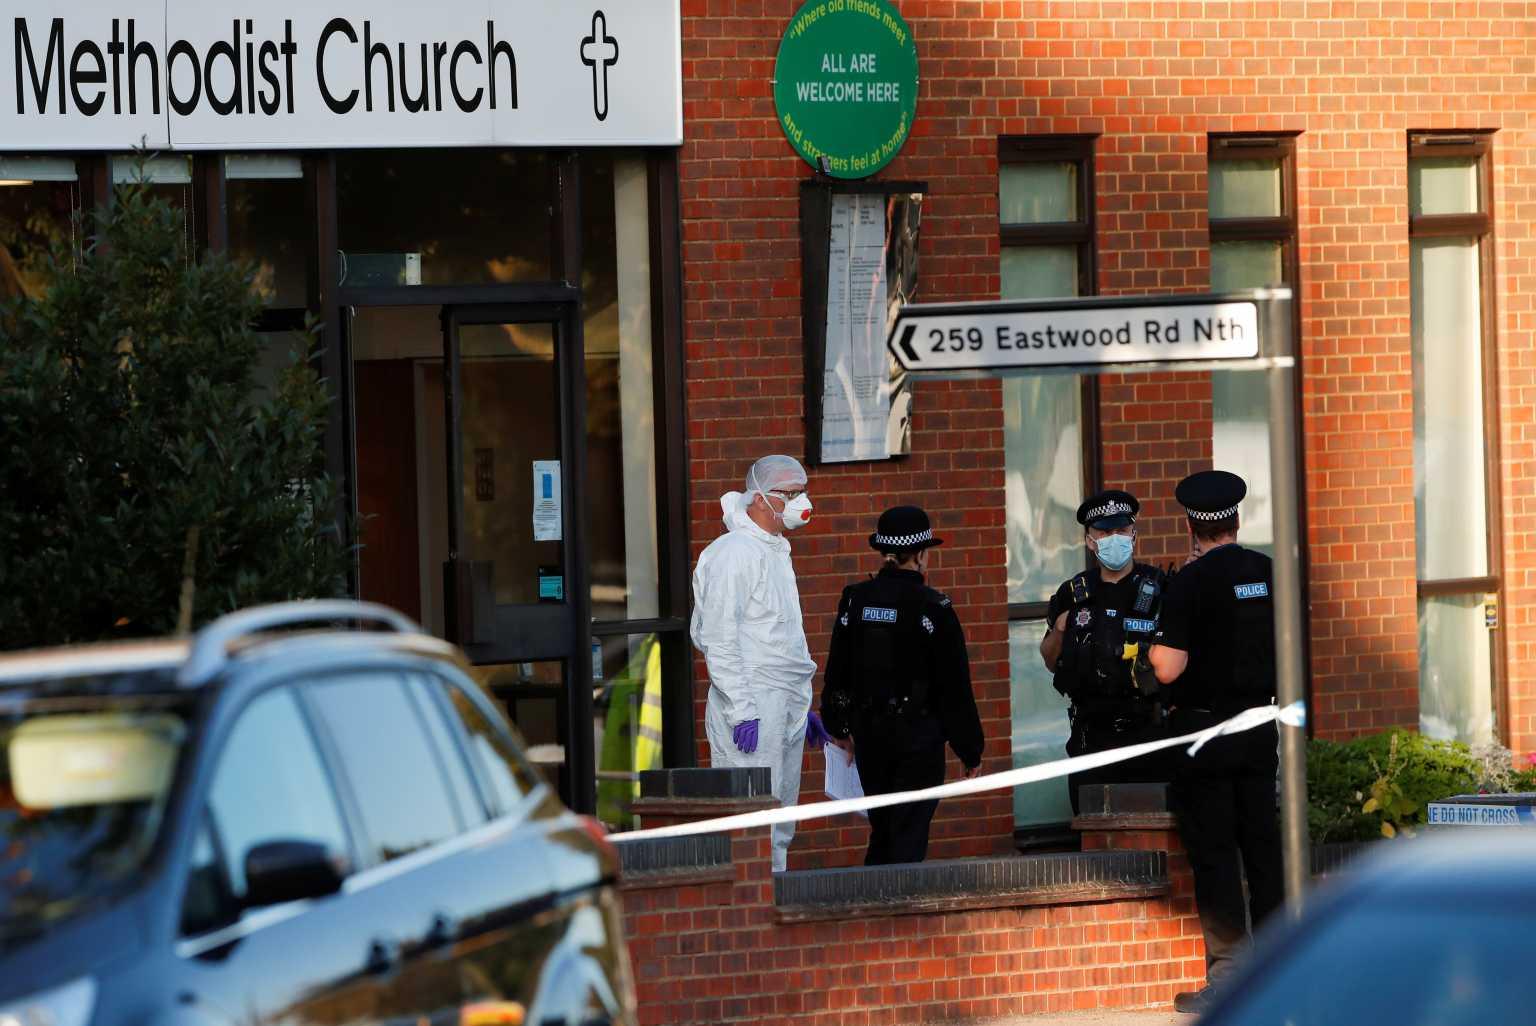 Βρετανία: Προβληματισμός για τα μέτρα ασφαλείας των βουλευτών μετά τη δολοφονία του Έιμες